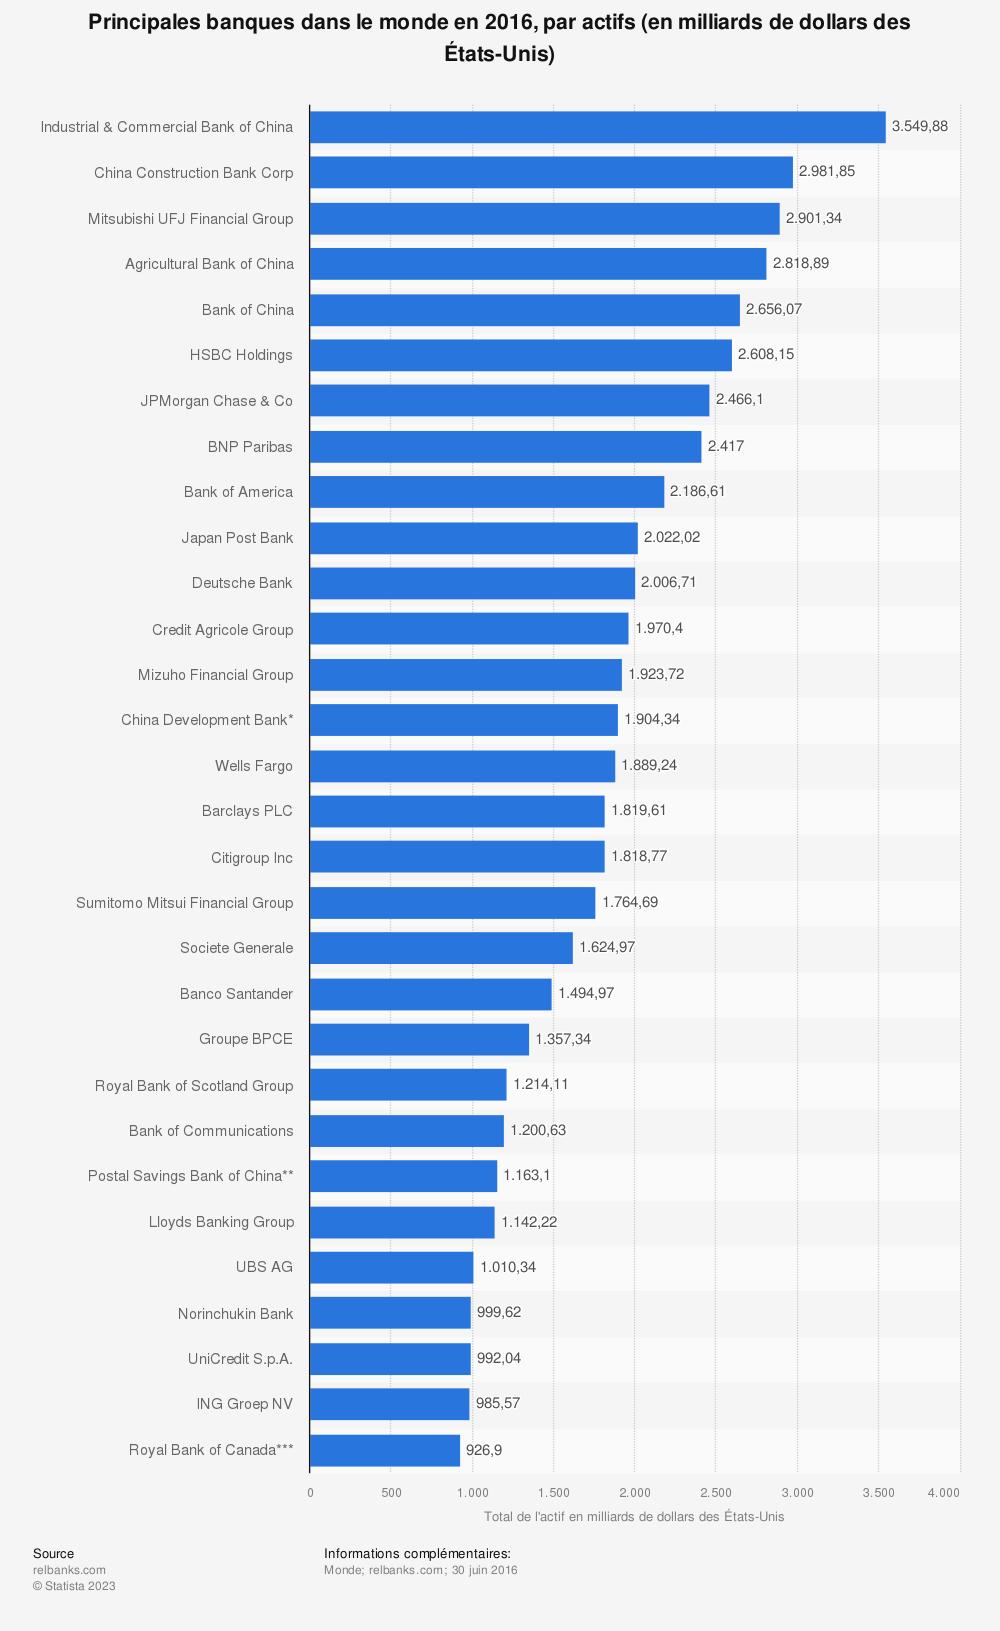 Statistique: Principales banques dans le monde en 2016, par actifs (en milliards de dollars des États-Unis) | Statista